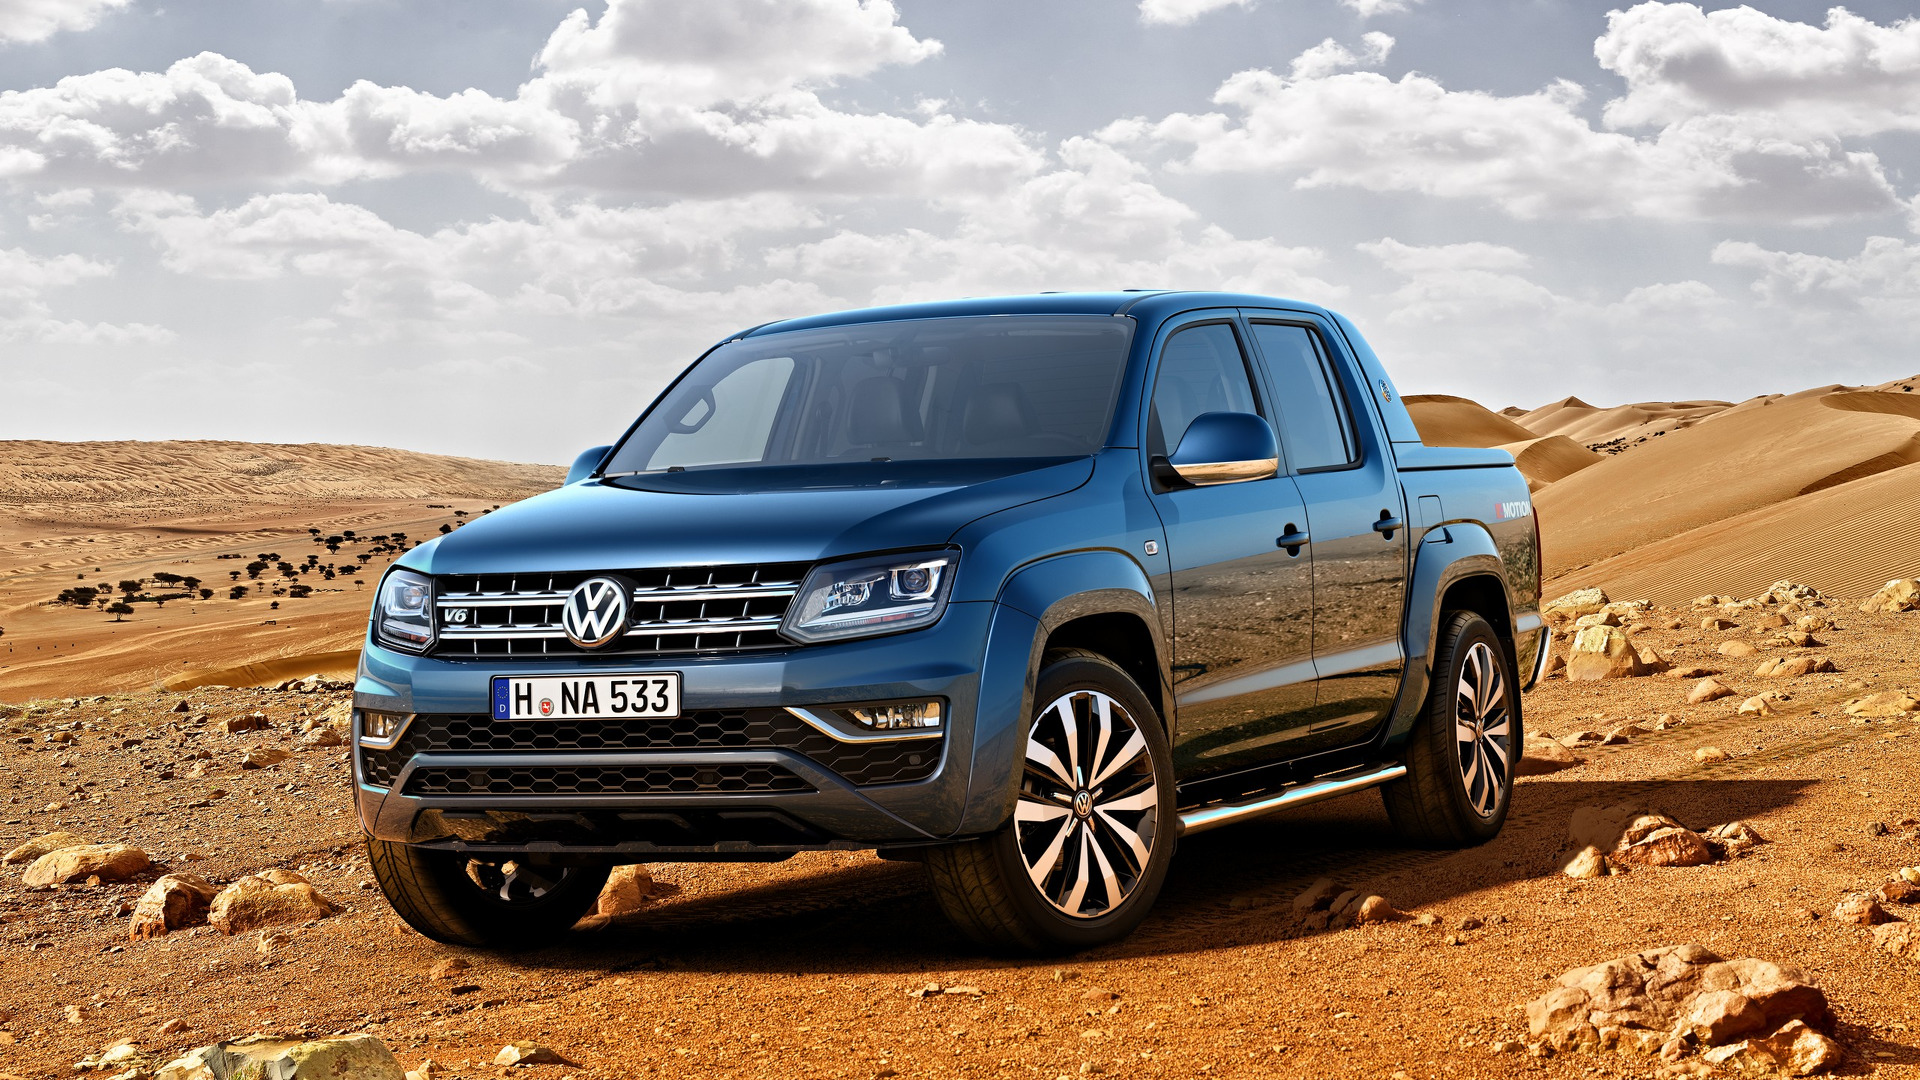 VW Amarok-based seven-seat SUV confirmed